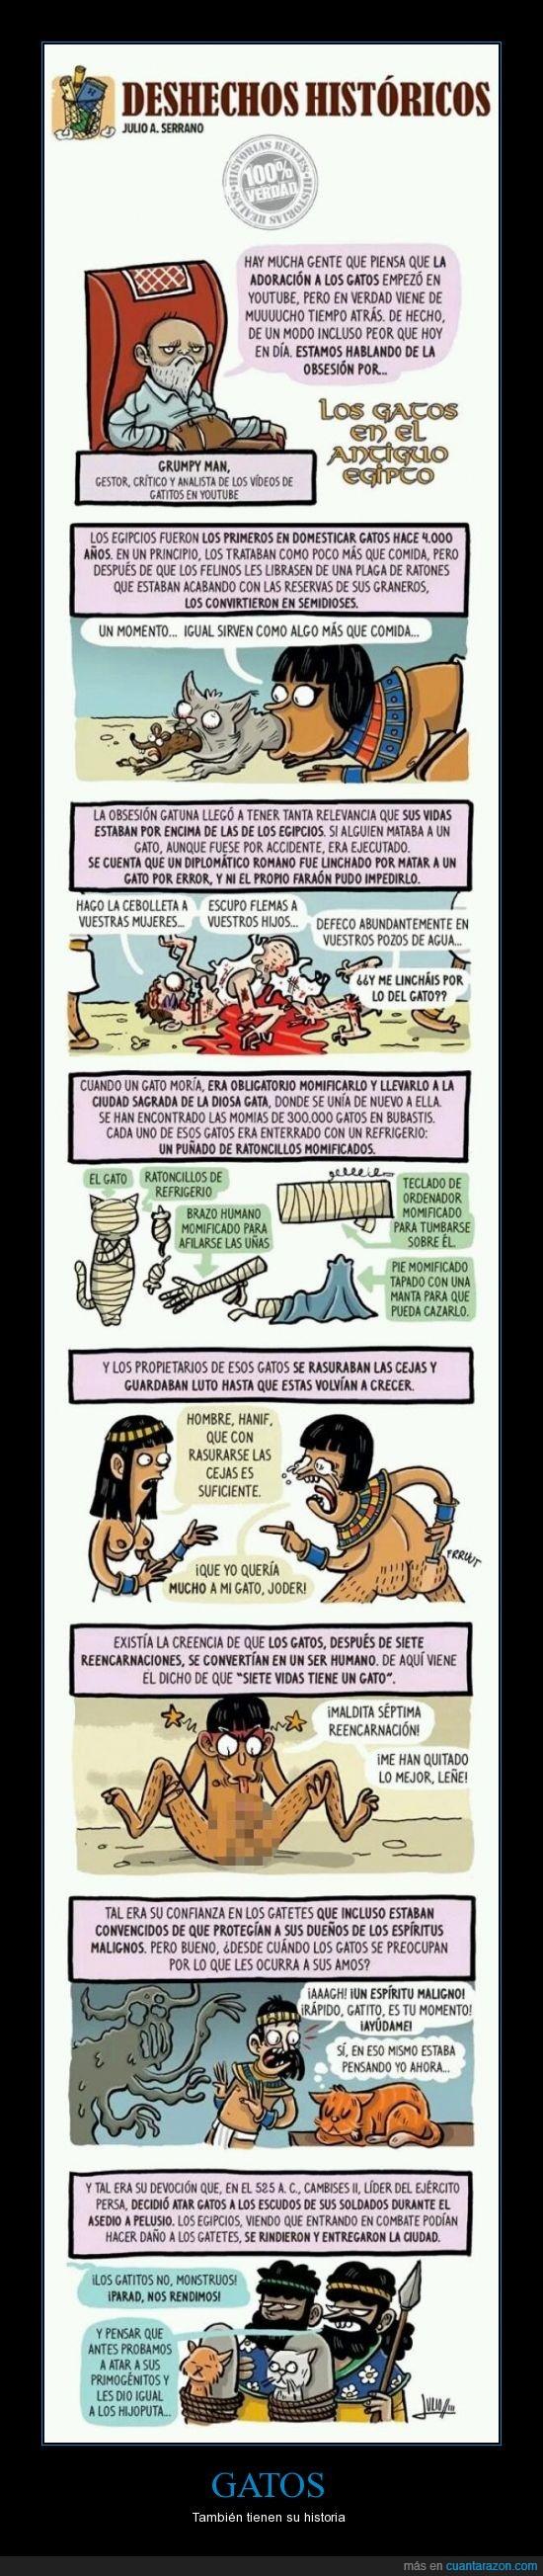 adoracion,egipto,gatos,historia